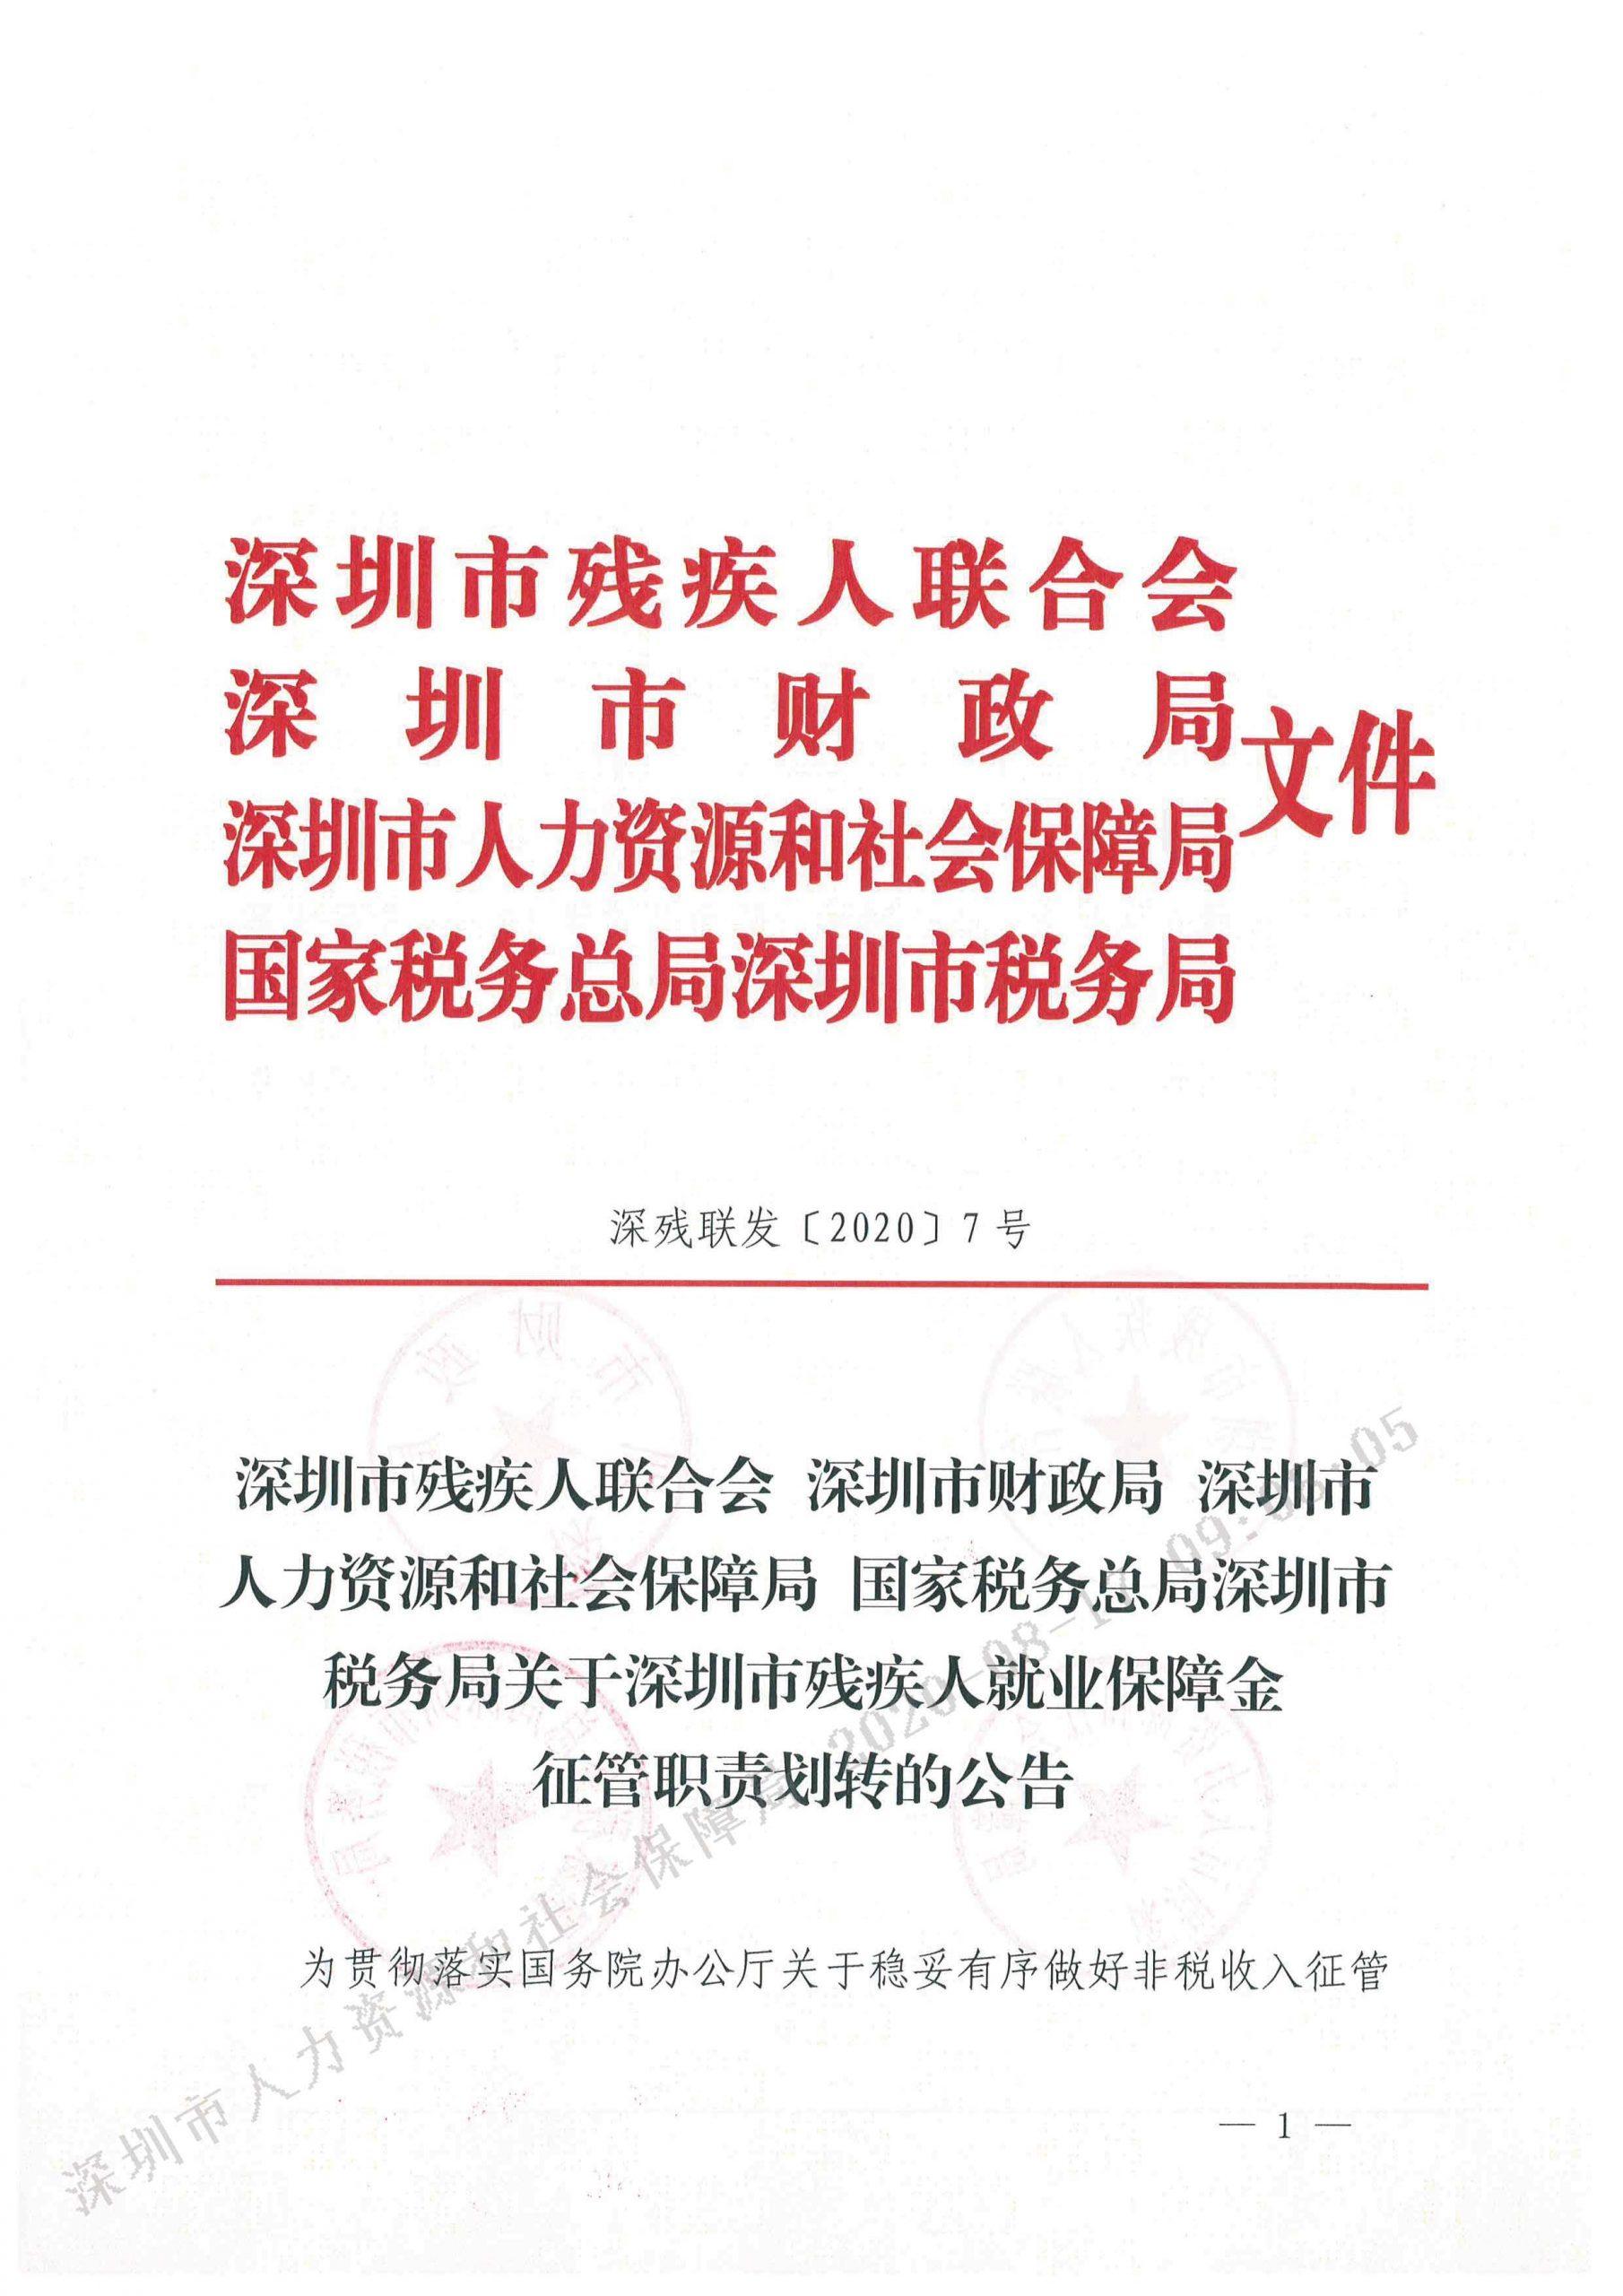 深圳市残疾人就业保障金征管职责划转的公告